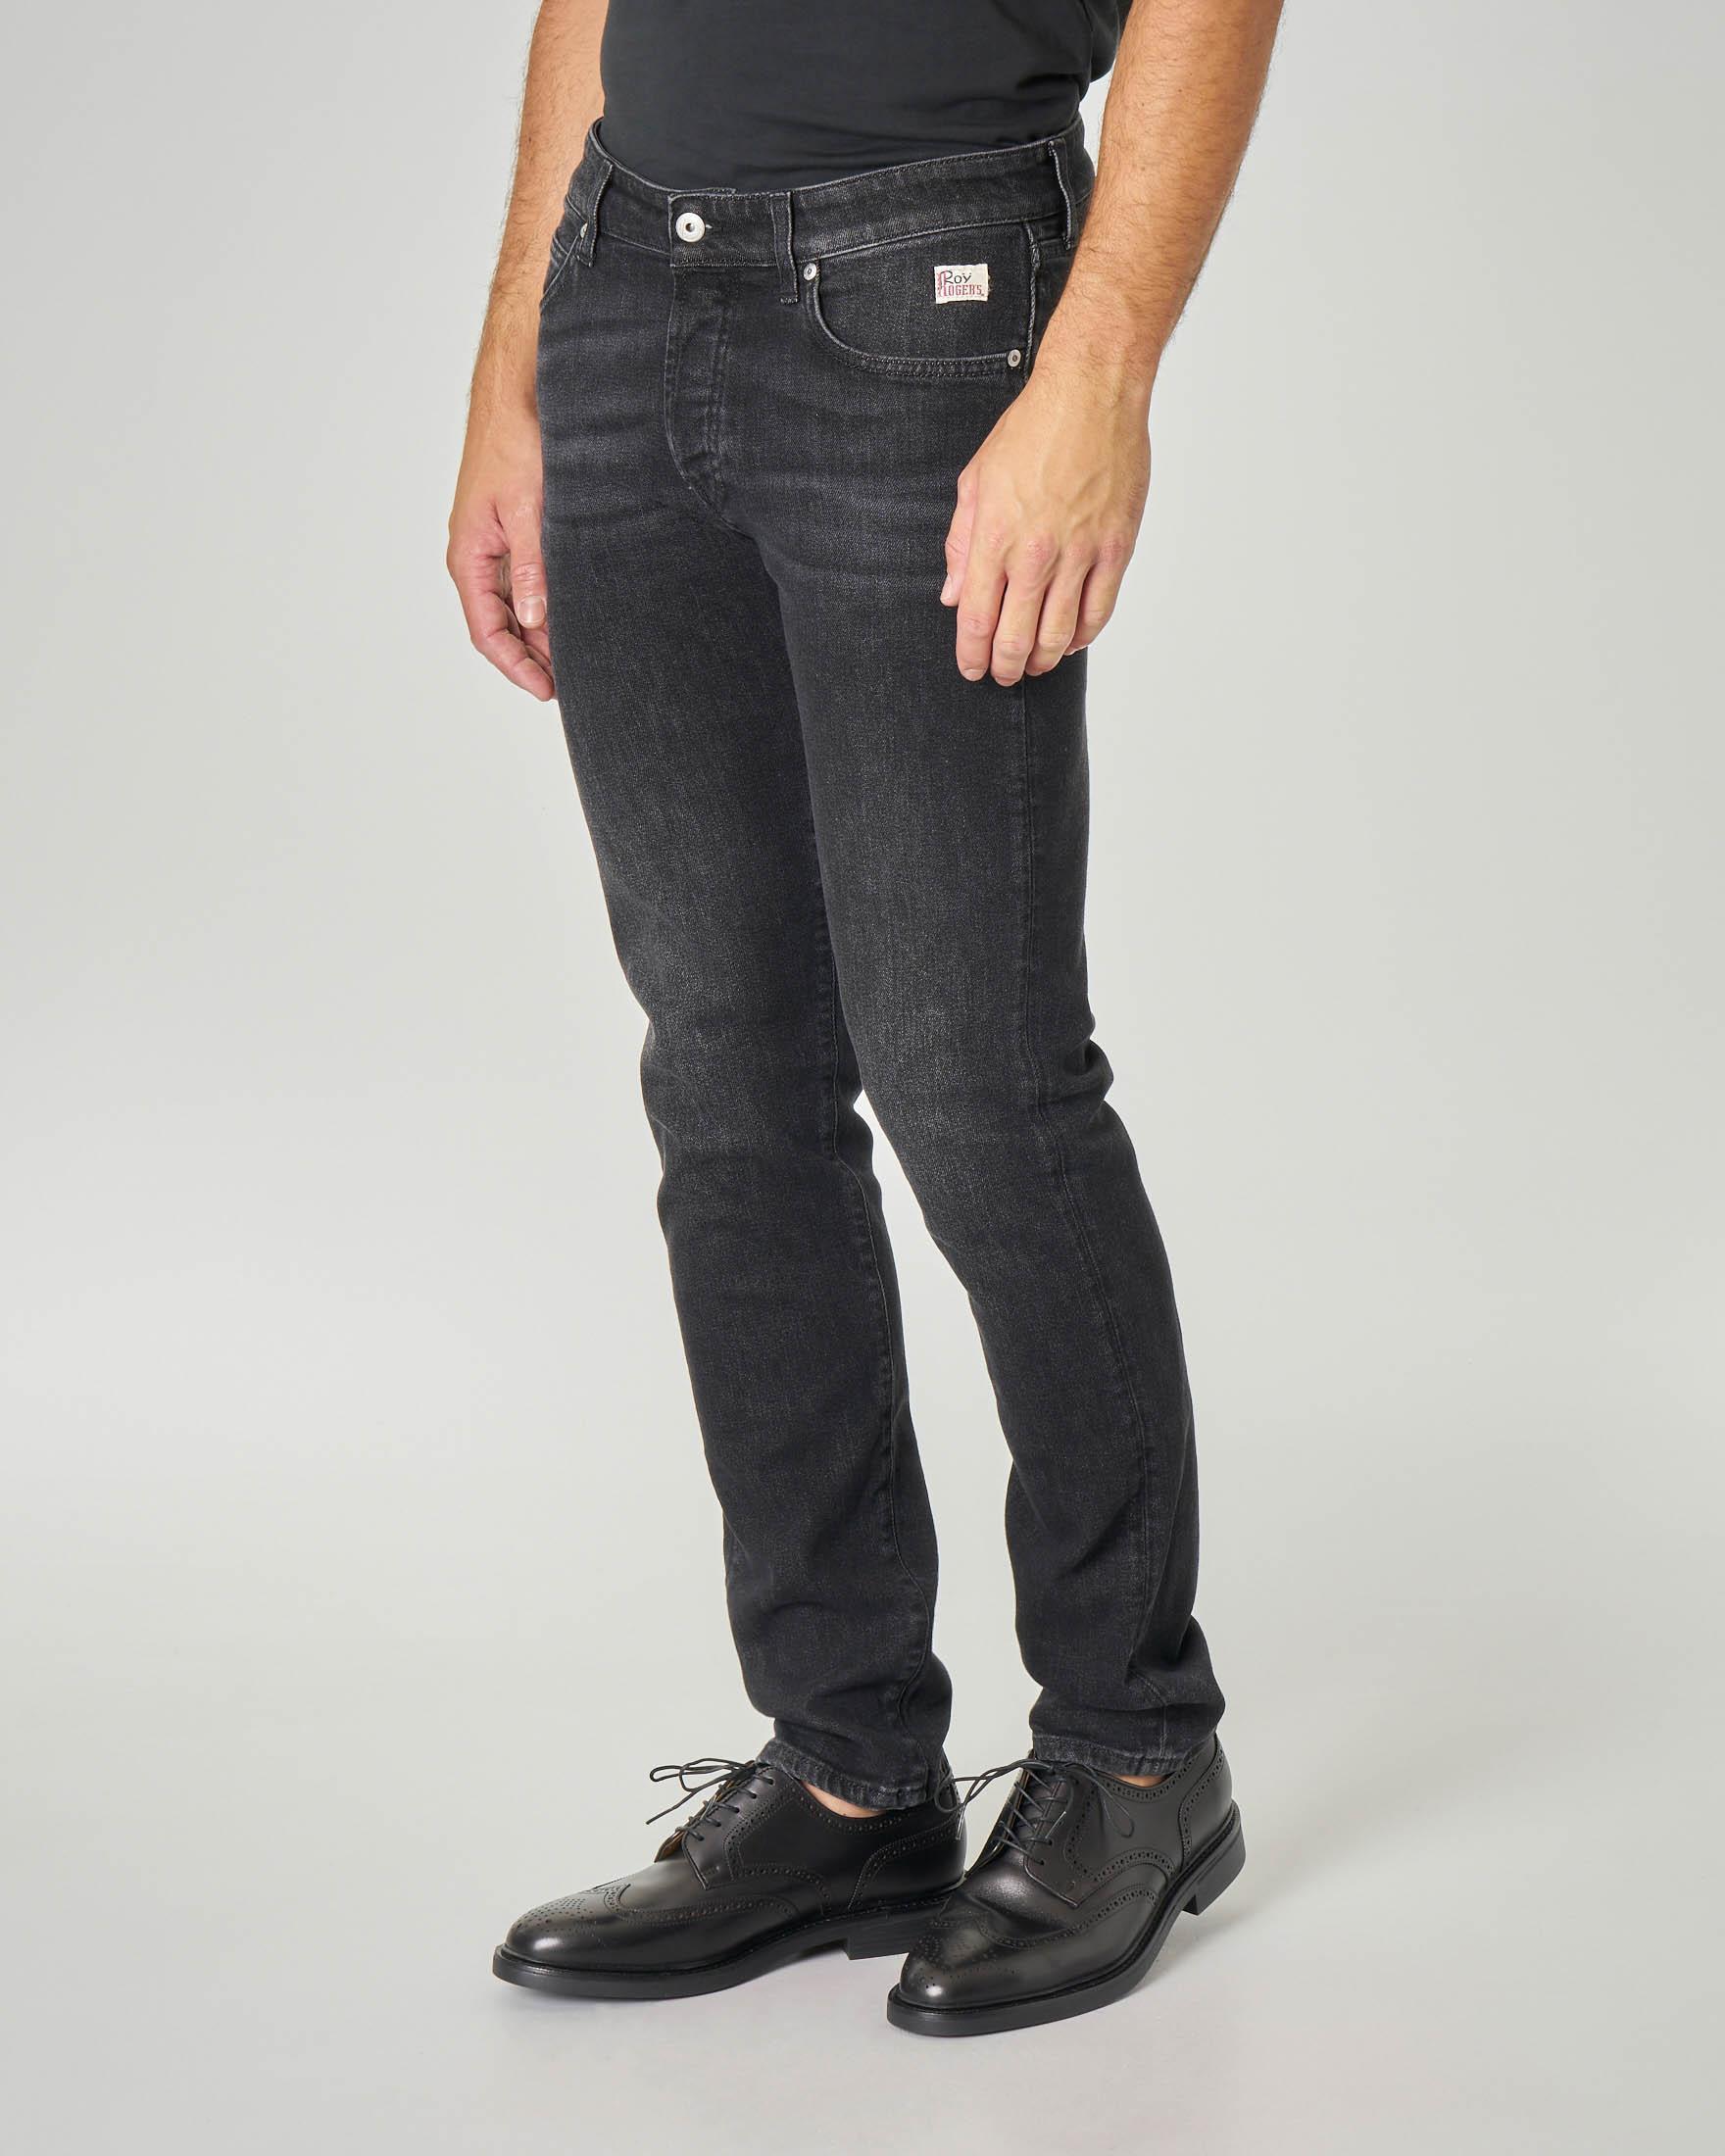 Jeans 529 Pistone lavaggio nero stone wash